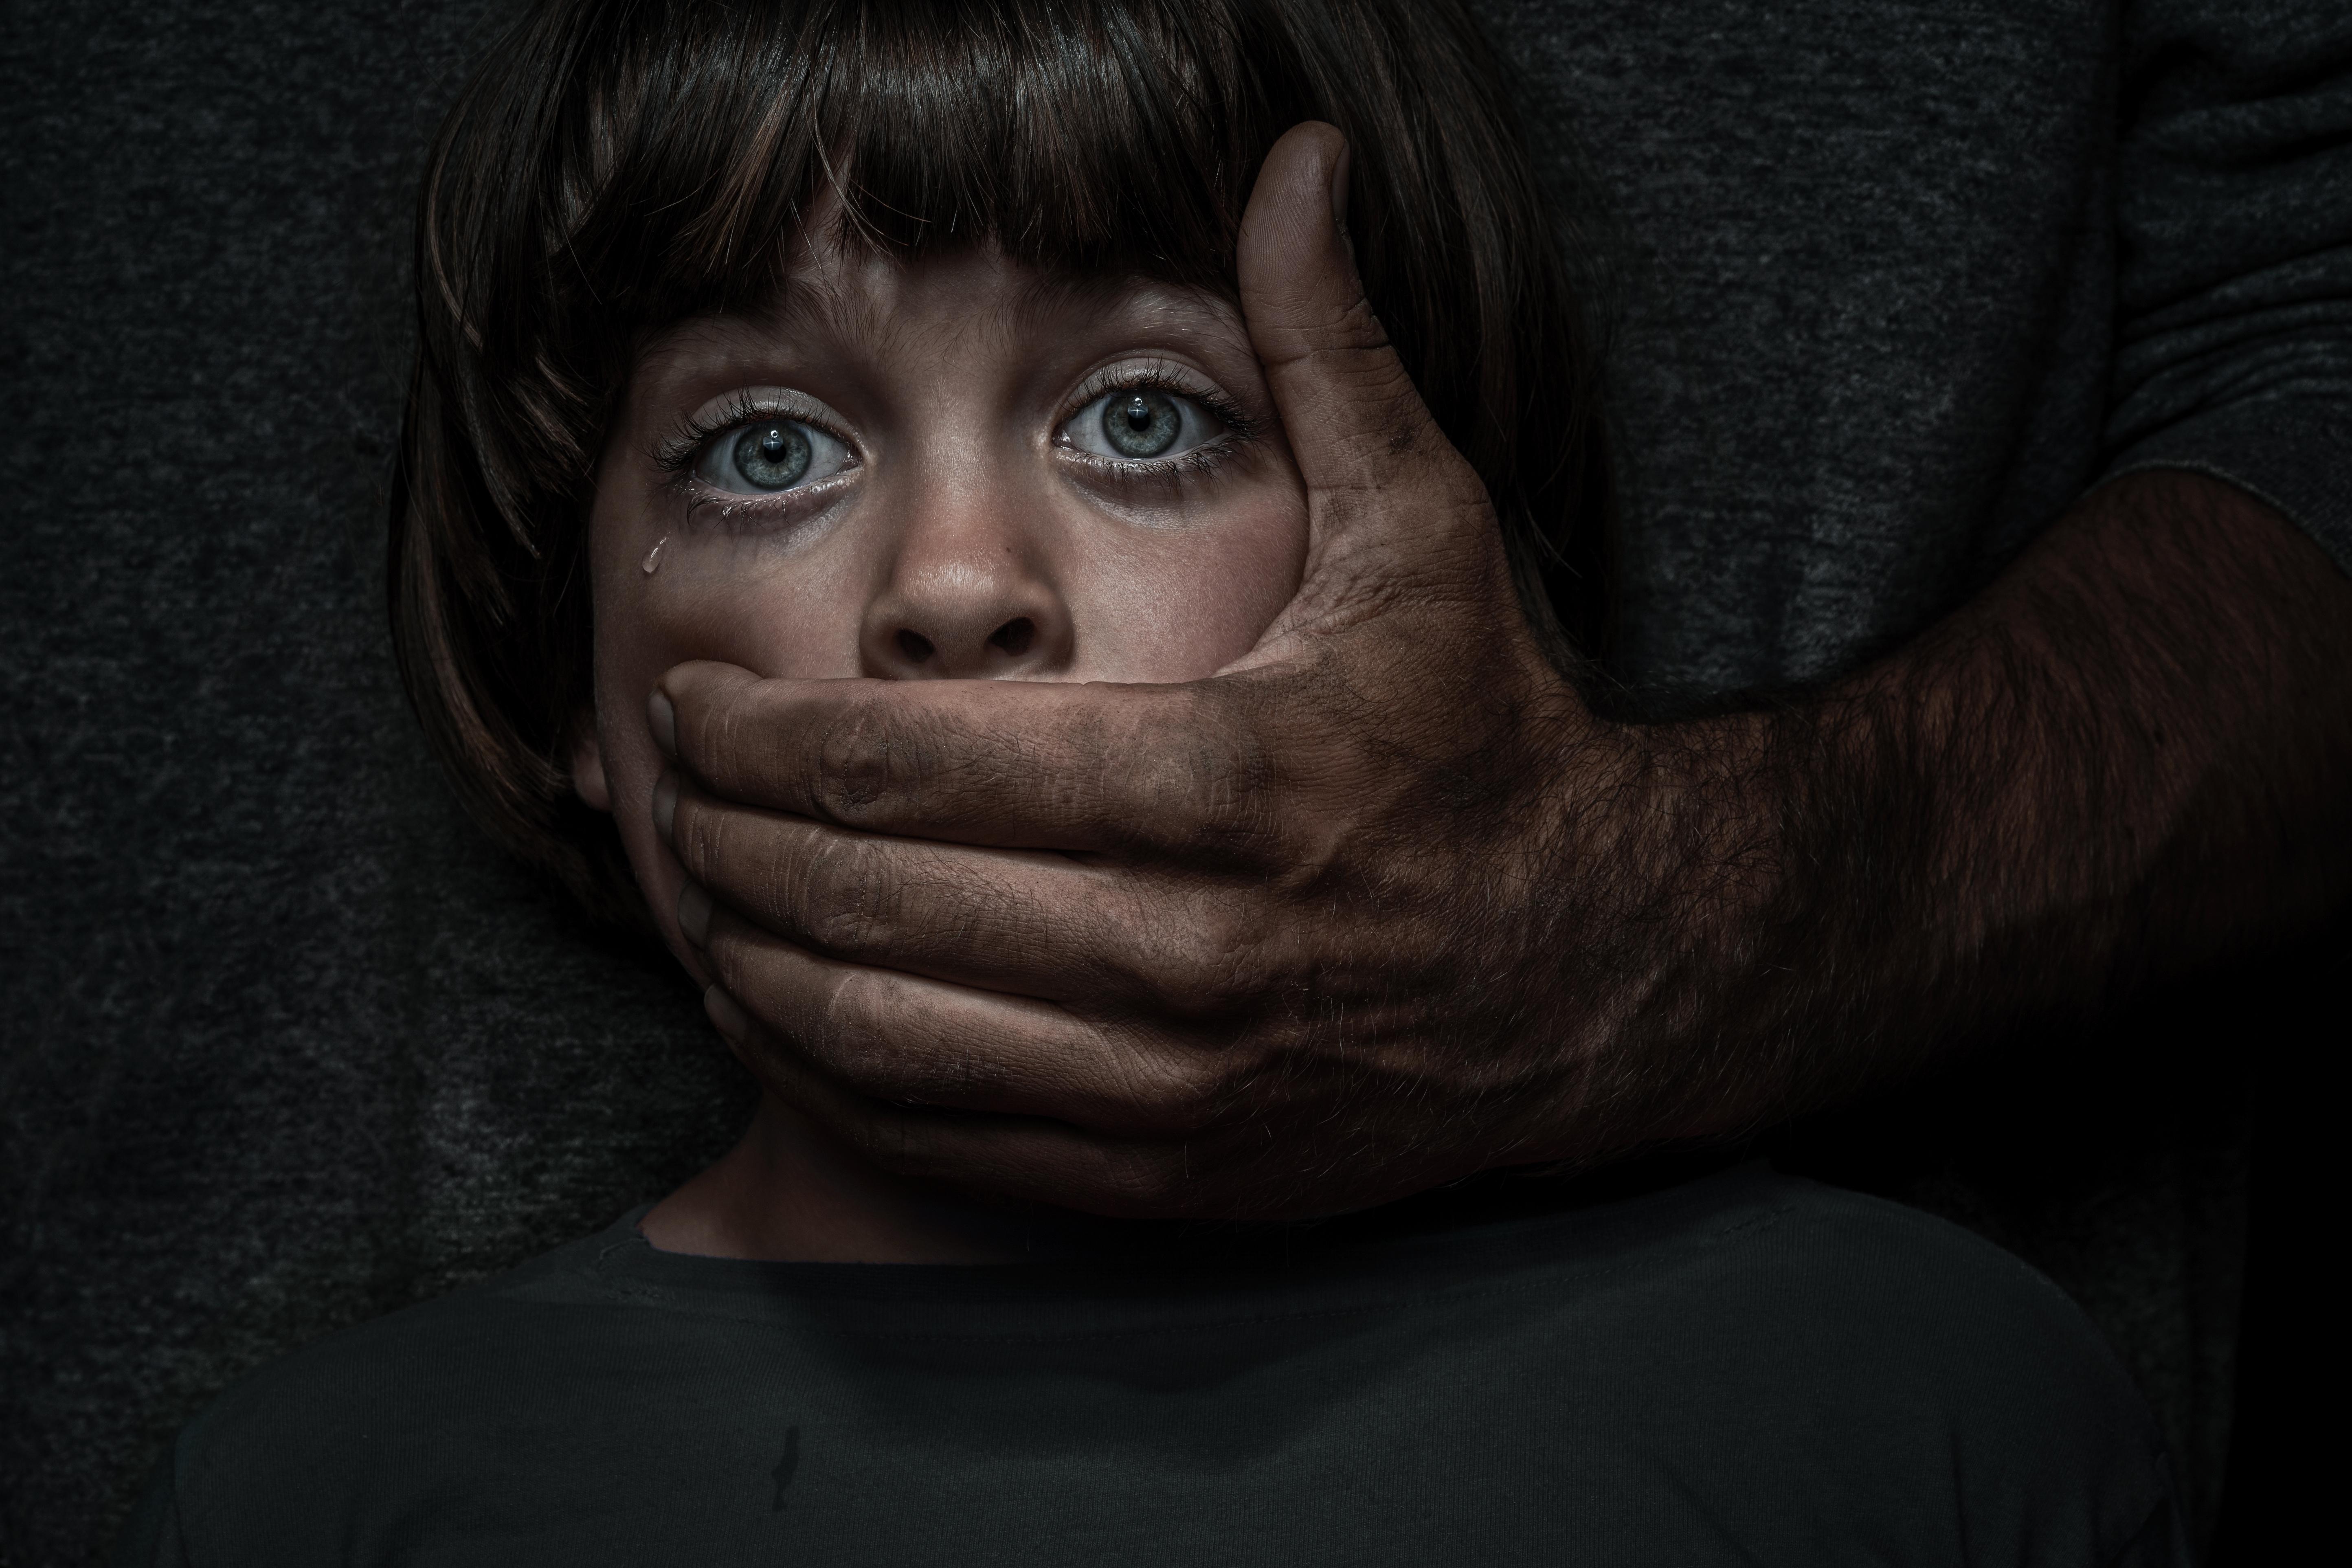 Duits kinderpornonetwerk met 400.000 leden opgerold: pedofilie neemt gestaag toe